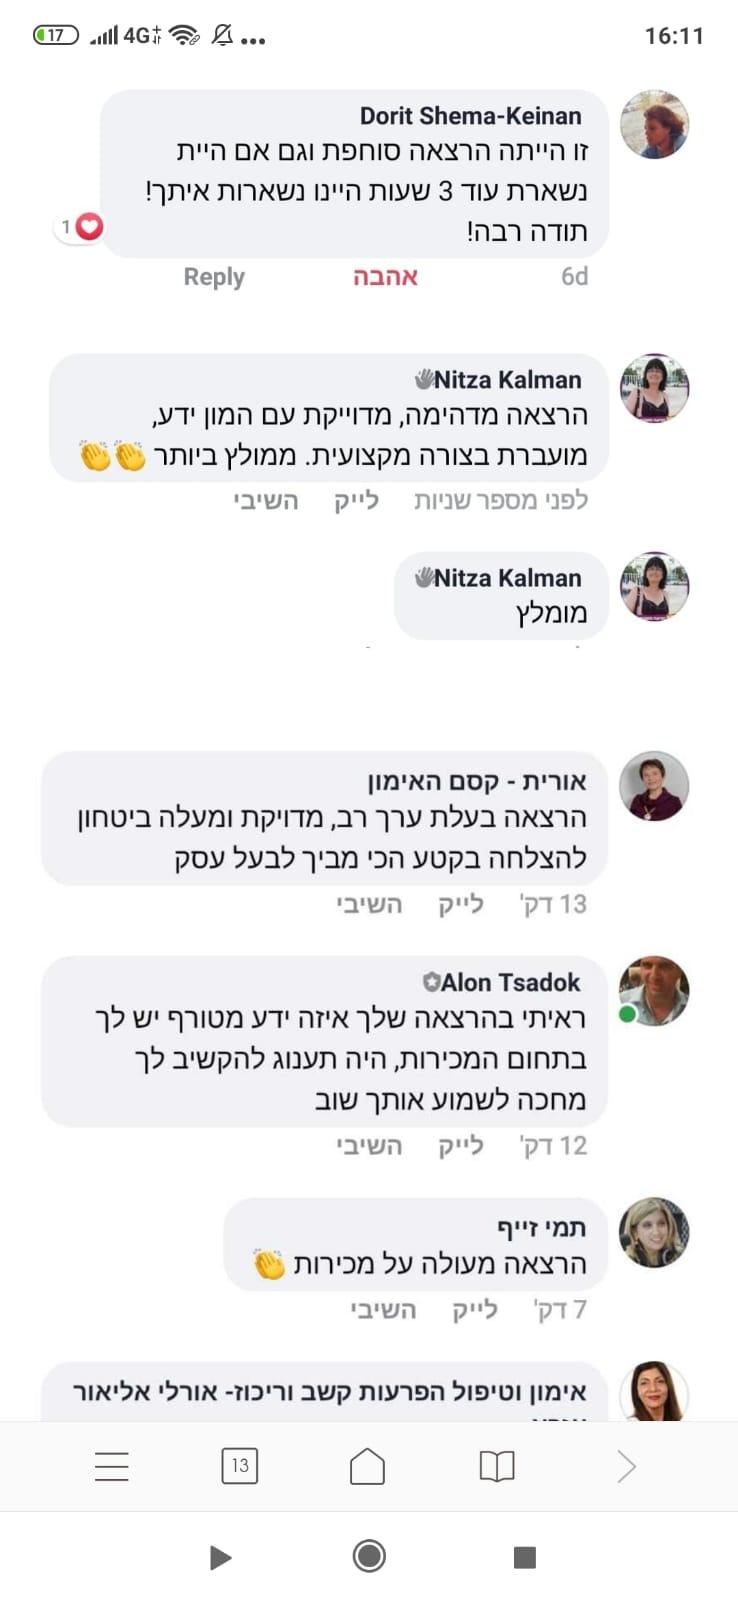 WhatsApp Image 2020-10-19 at 16.14.30